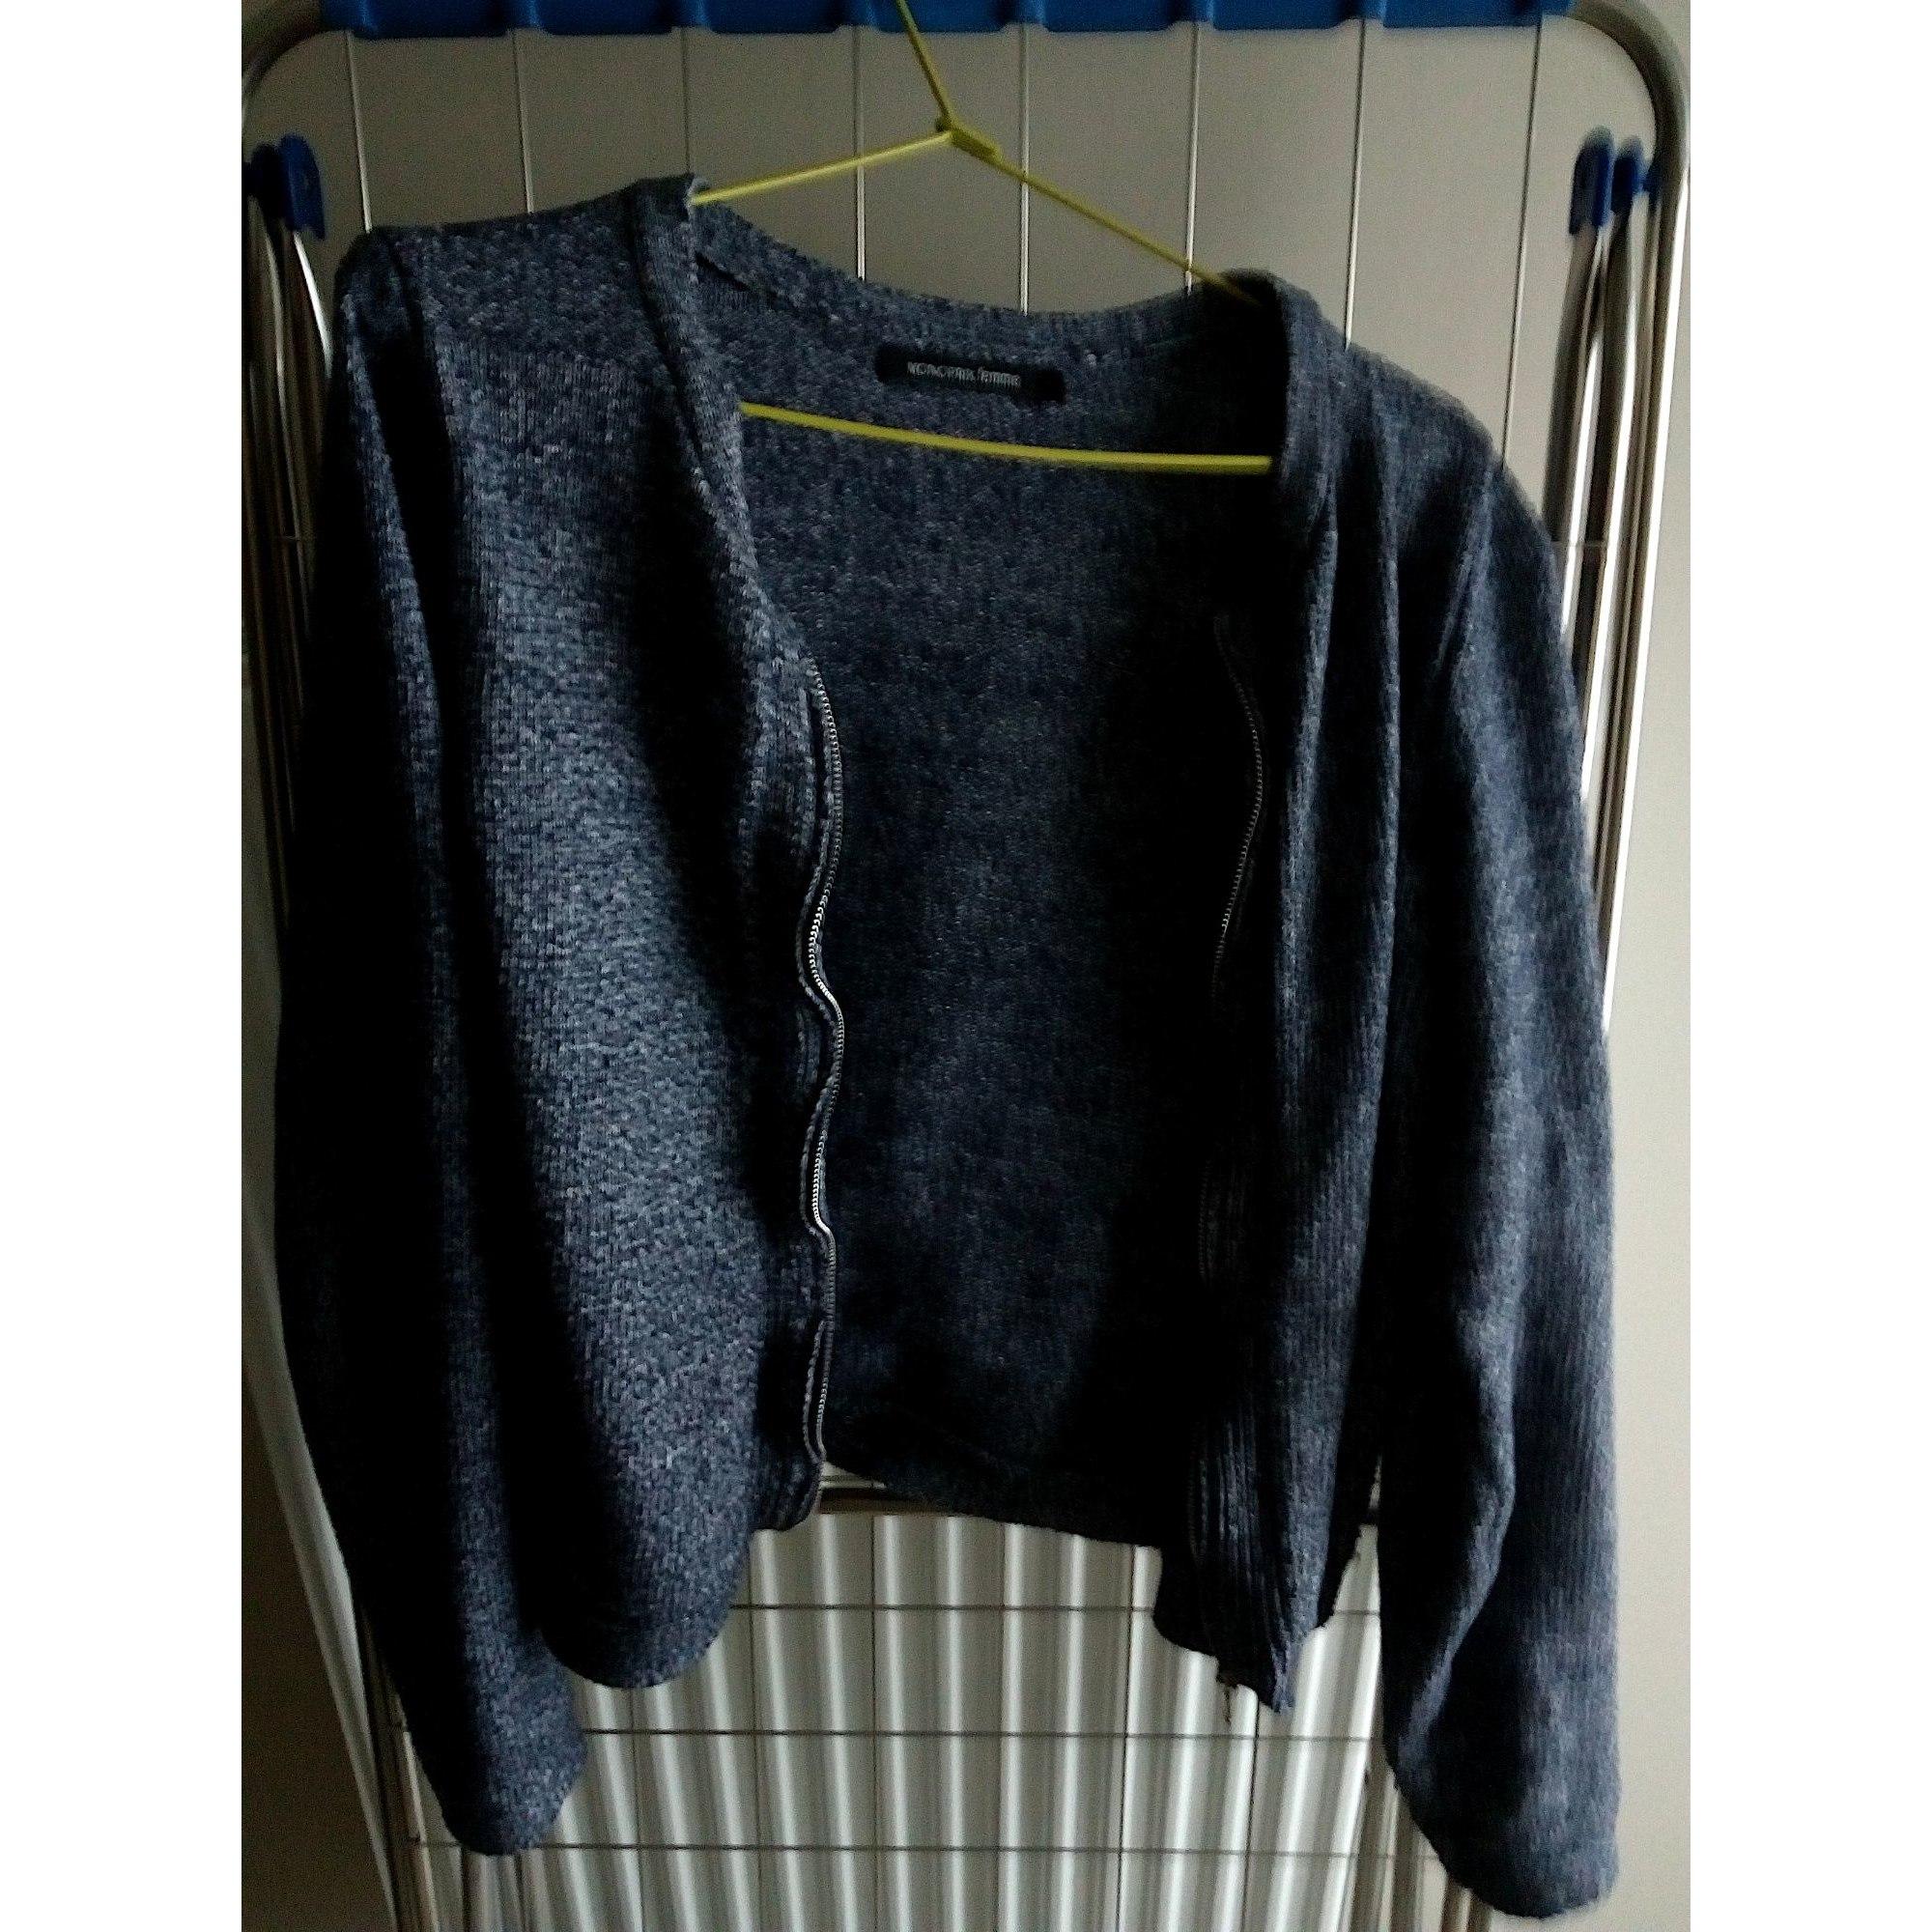 Gilet, cardigan AUTRE TON Bleu, bleu marine, bleu turquoise